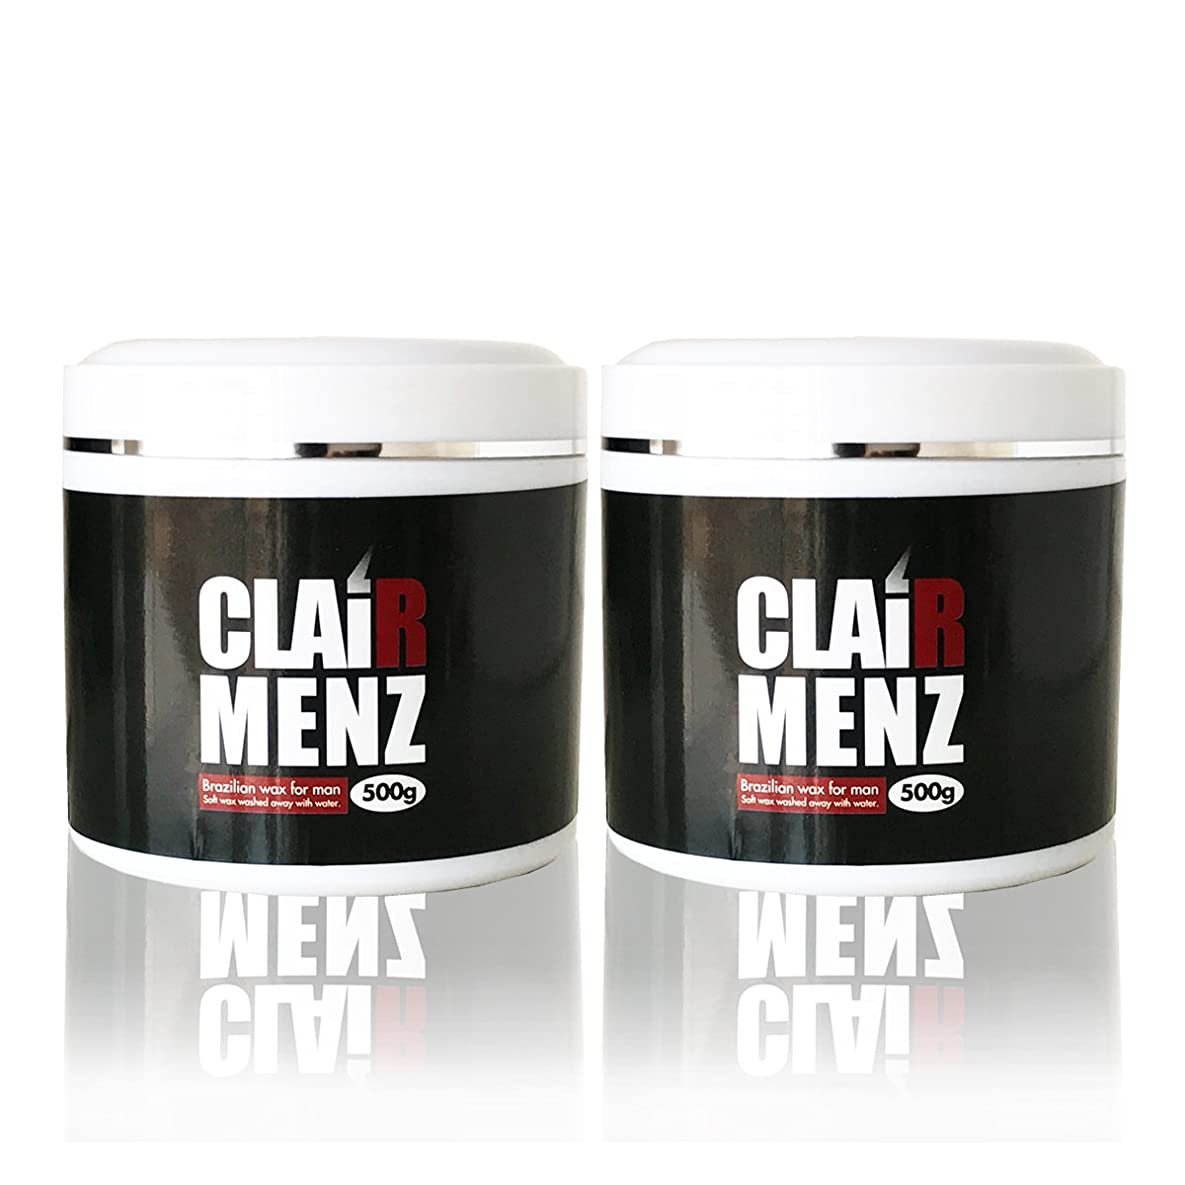 明らかにクラウン有用ブラジリアンワックス メンズ専用 clair Menz wax 500g (単品2個セット) メンズ脱毛専用ラベル 無添加ワックス 脱毛